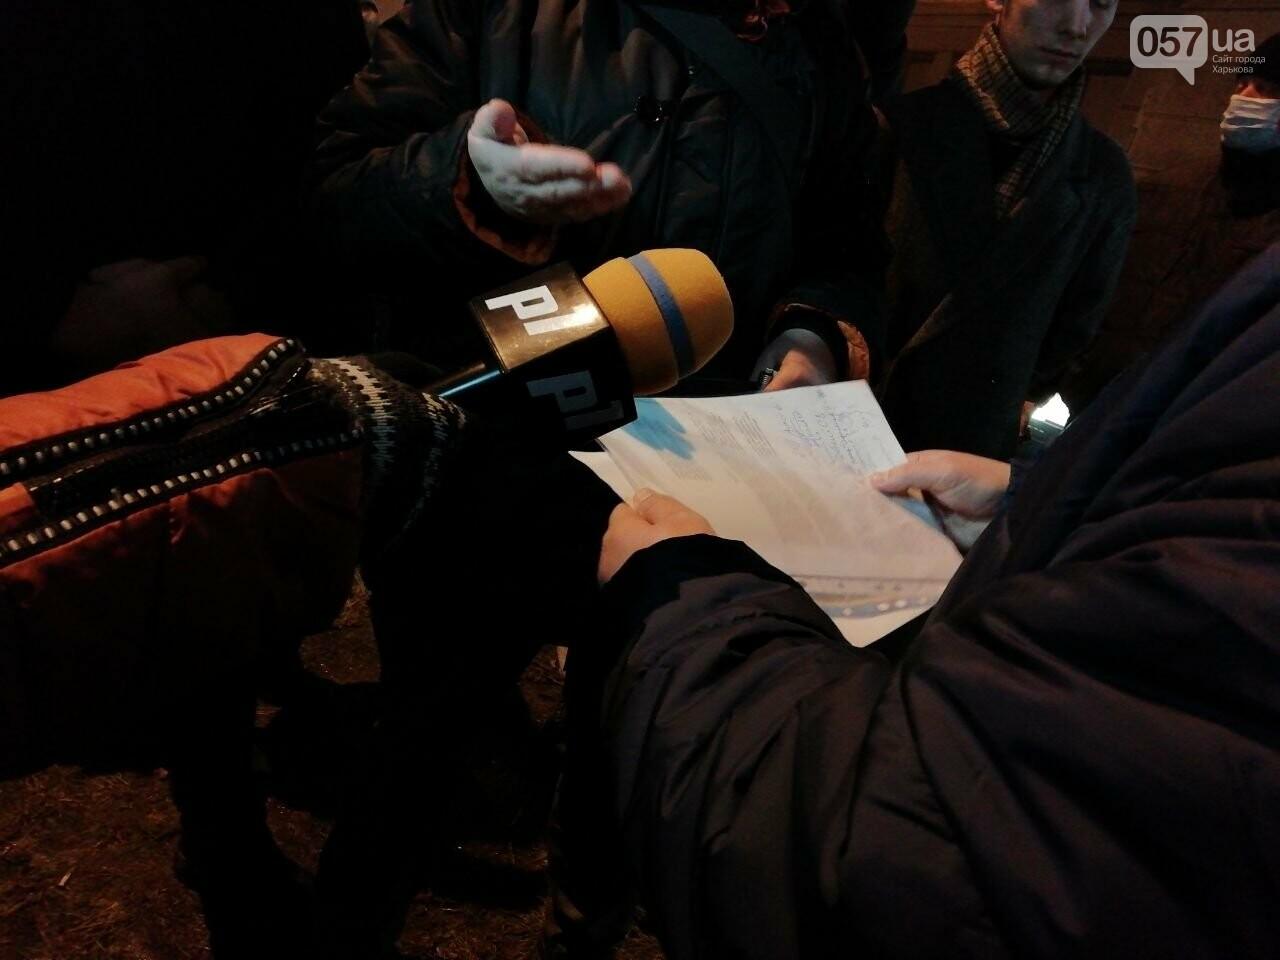 «Мусора - не люди»: из-за слов Авакова в центре Харькова активисты пикетировали облуправление полиции, - ФОТО, фото-15